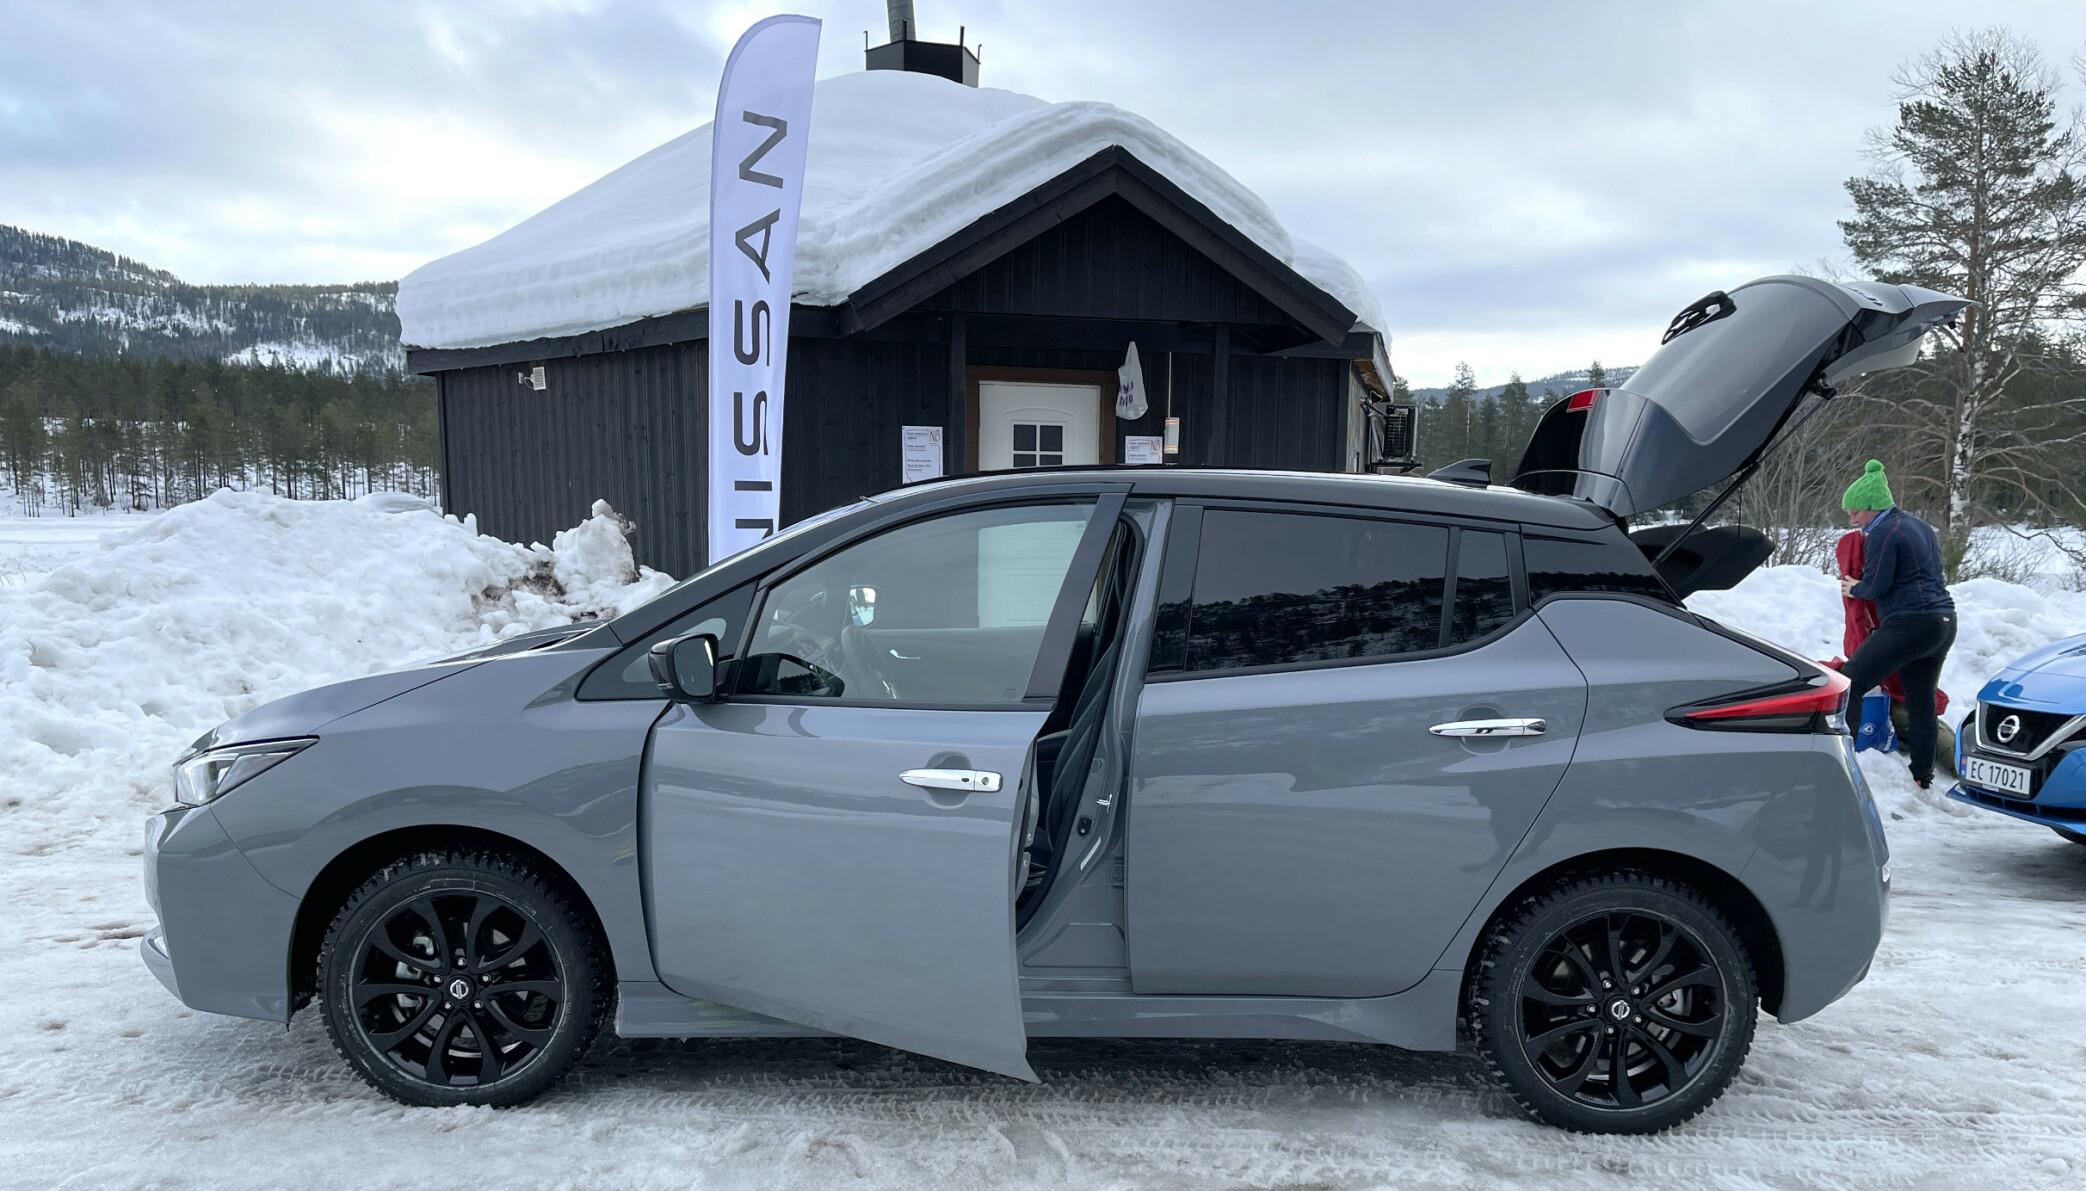 MEST SOLGT: Norges mest solgte elbil, Nissan Leaf, er en av mange modeller som kan kjøpes og hentes ut fra forhandlere på dagen. Foto: Bjørn Eirik Loftås